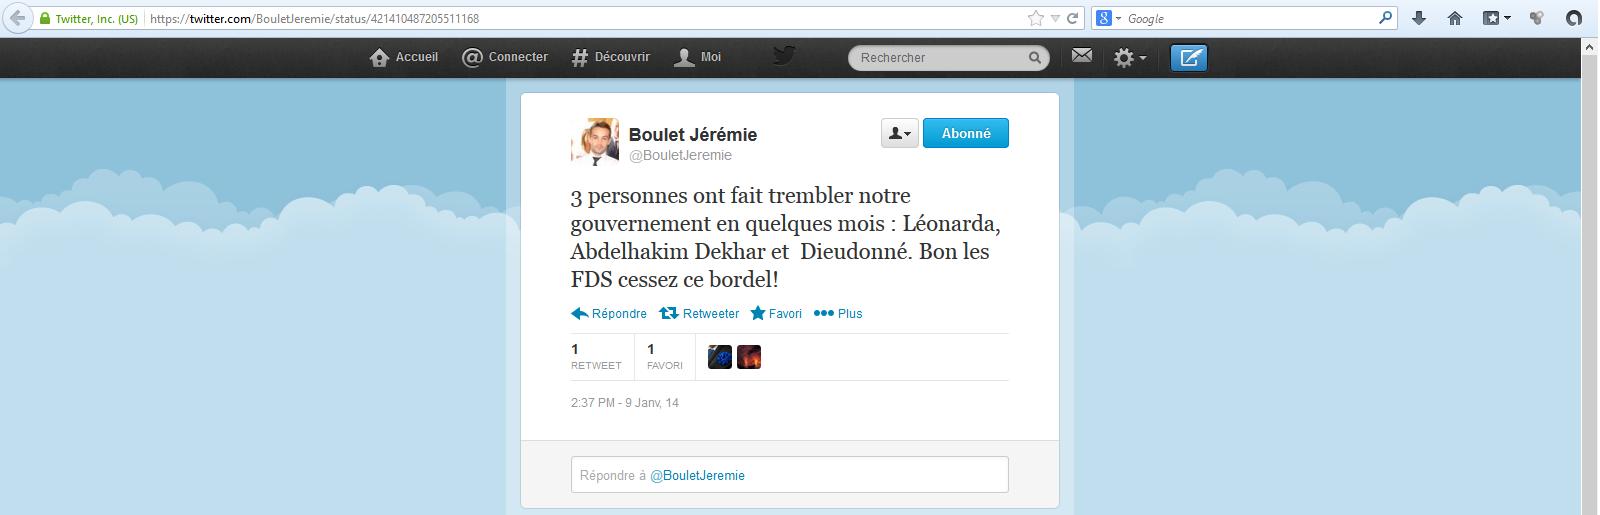 Jeremie-Boulet-09-01-14-Les-FDS-cessez-ce-bordel